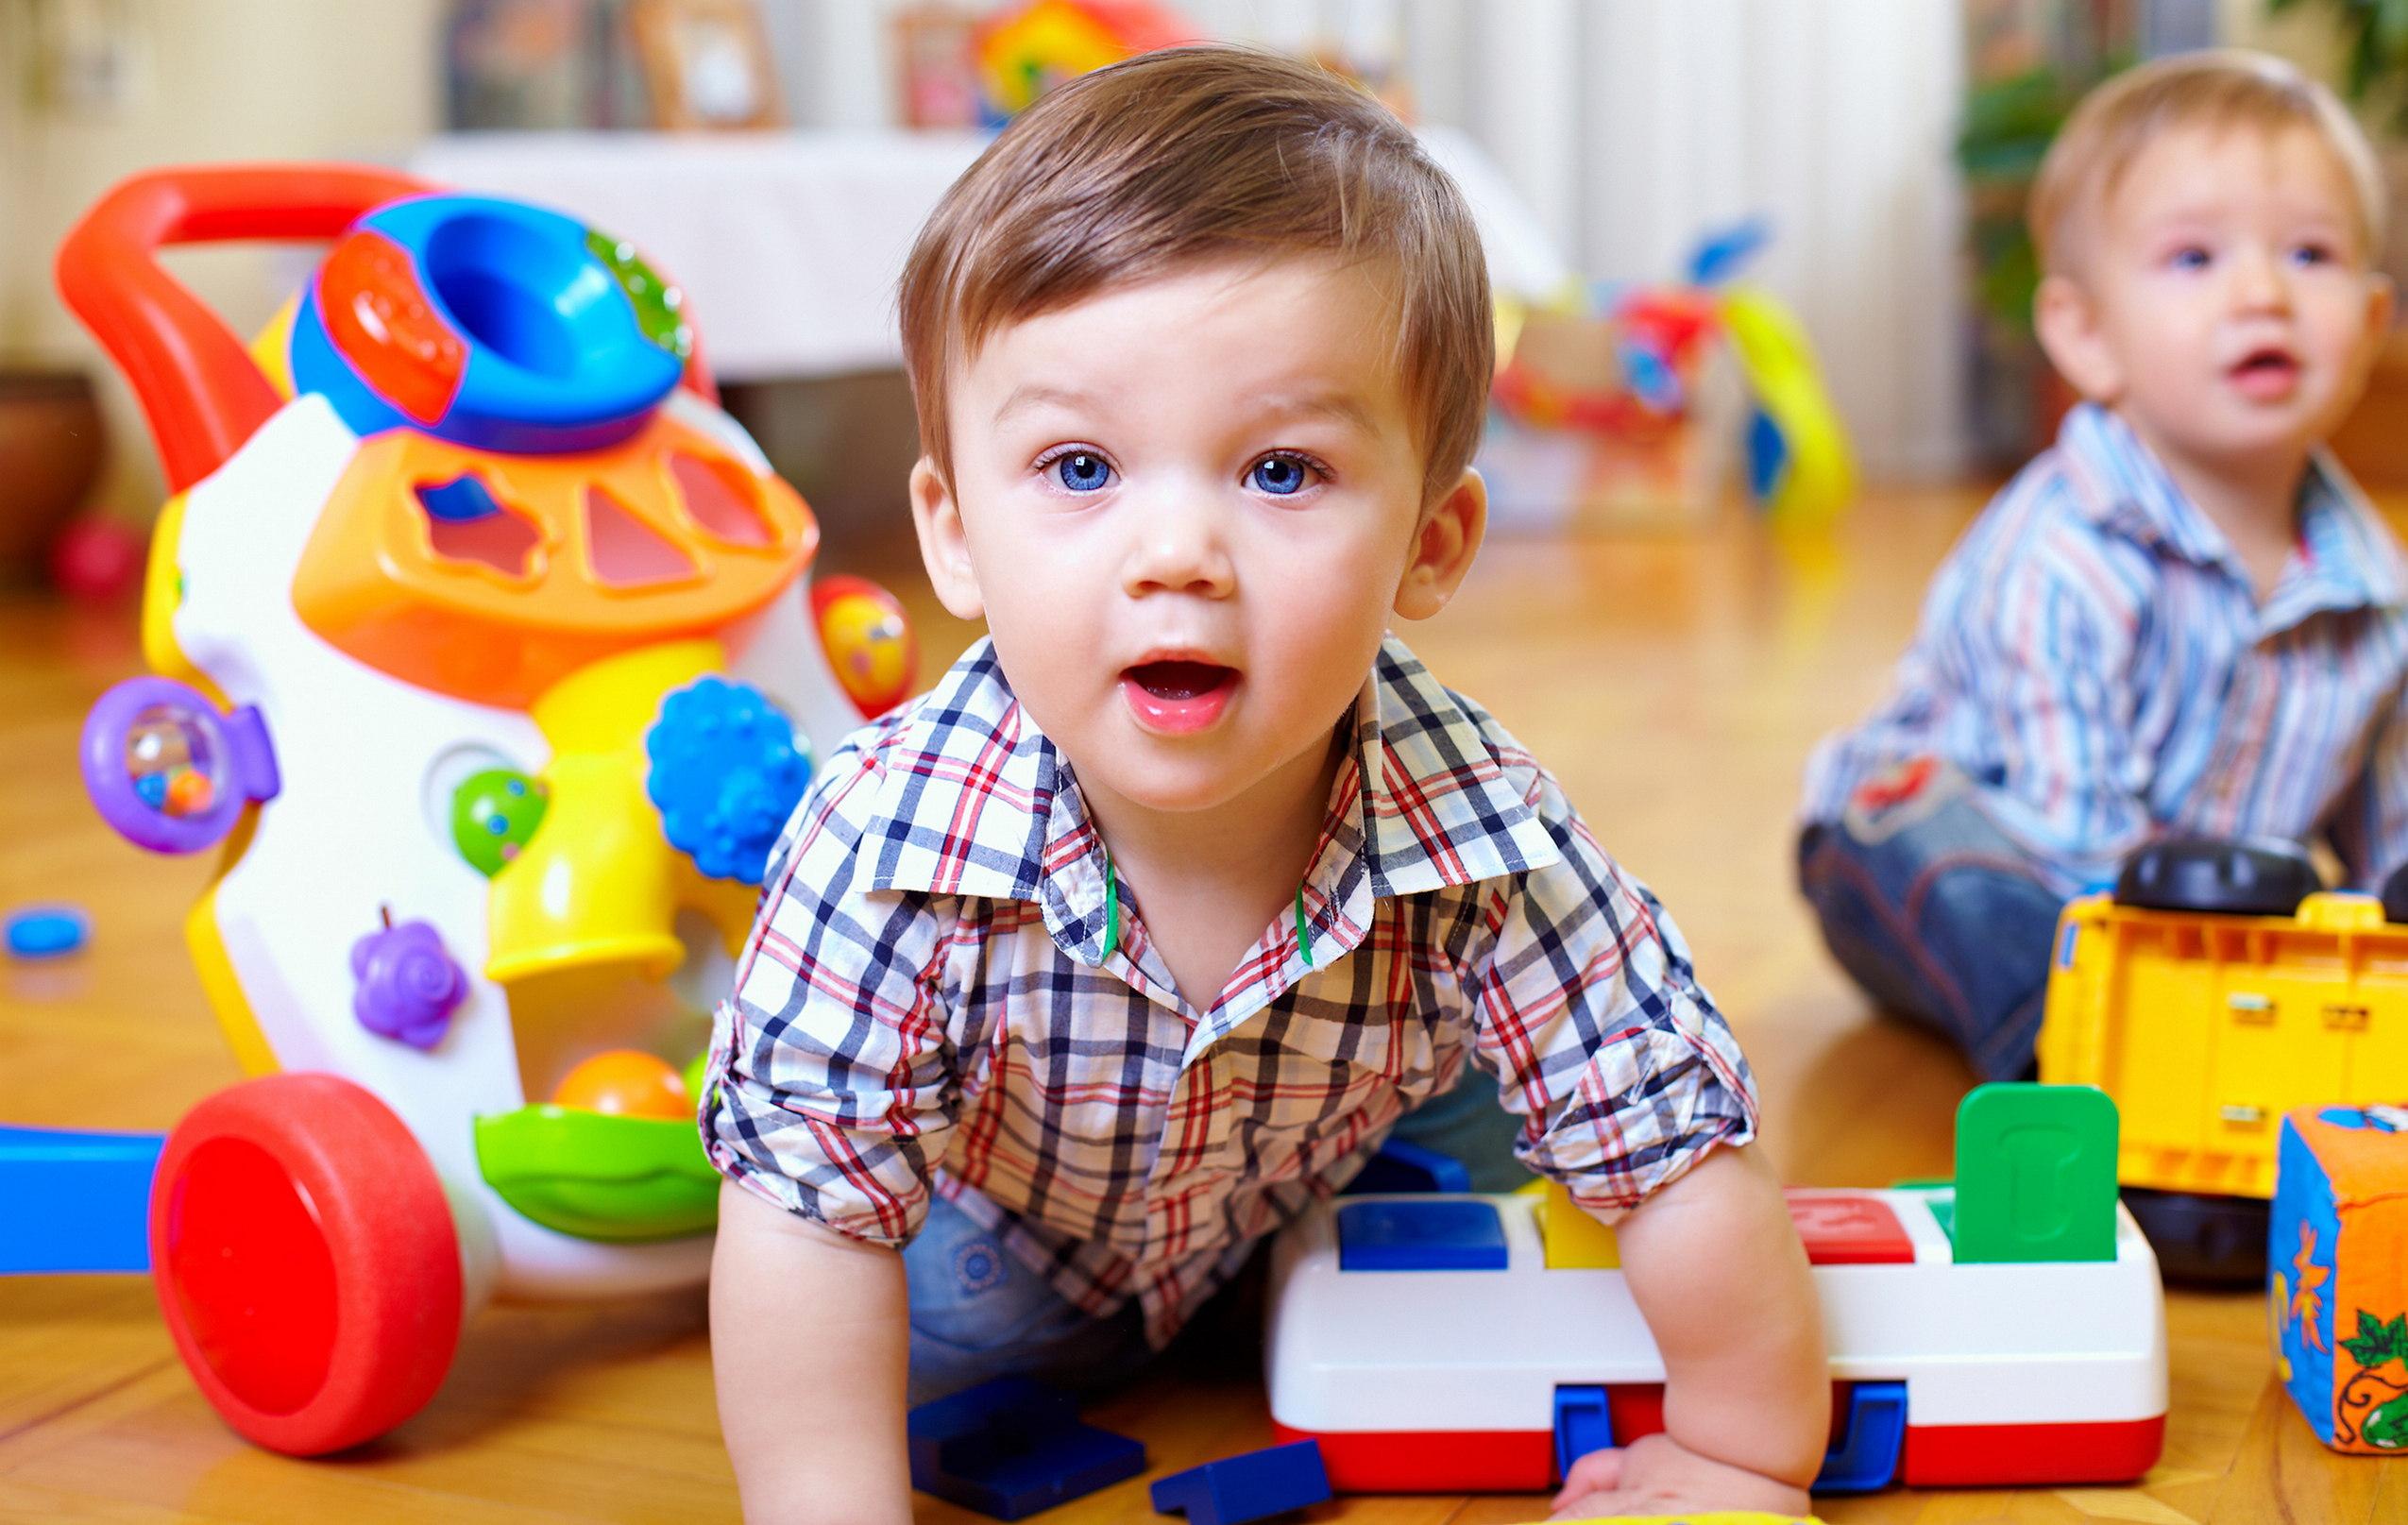 Les Grandes Étapes Du Développement Psychomoteur De L'enfant intérieur Jeux Pour Bébé En Ligne 2 Ans